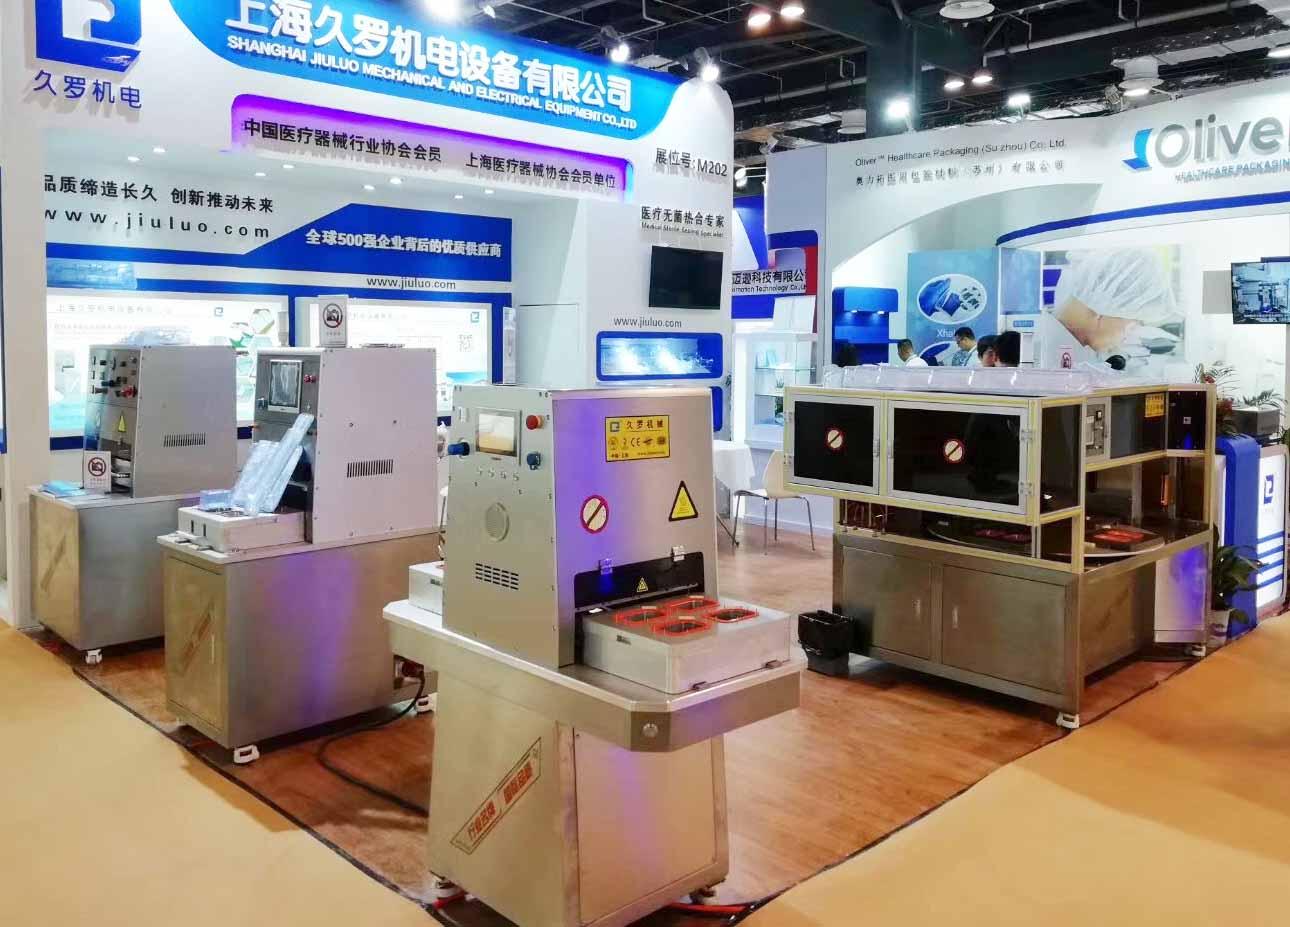 久罗医疗转盘机将要参展深圳CMEF医疗器械博览会